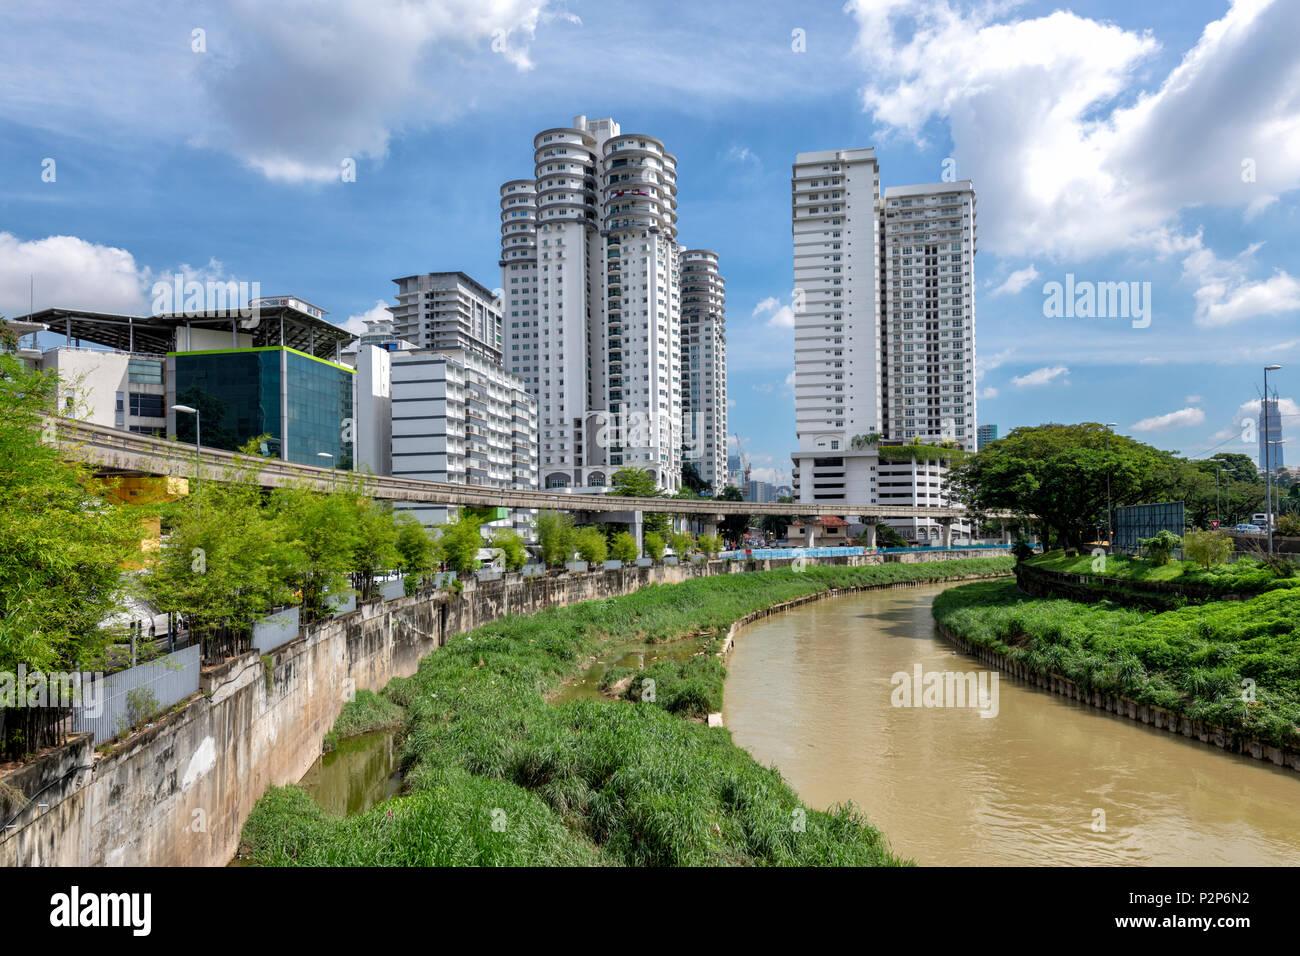 The Gombak River wends it's way into Kuala Lumpur city centre. Kuala Lumpur, Malaysia - Stock Image